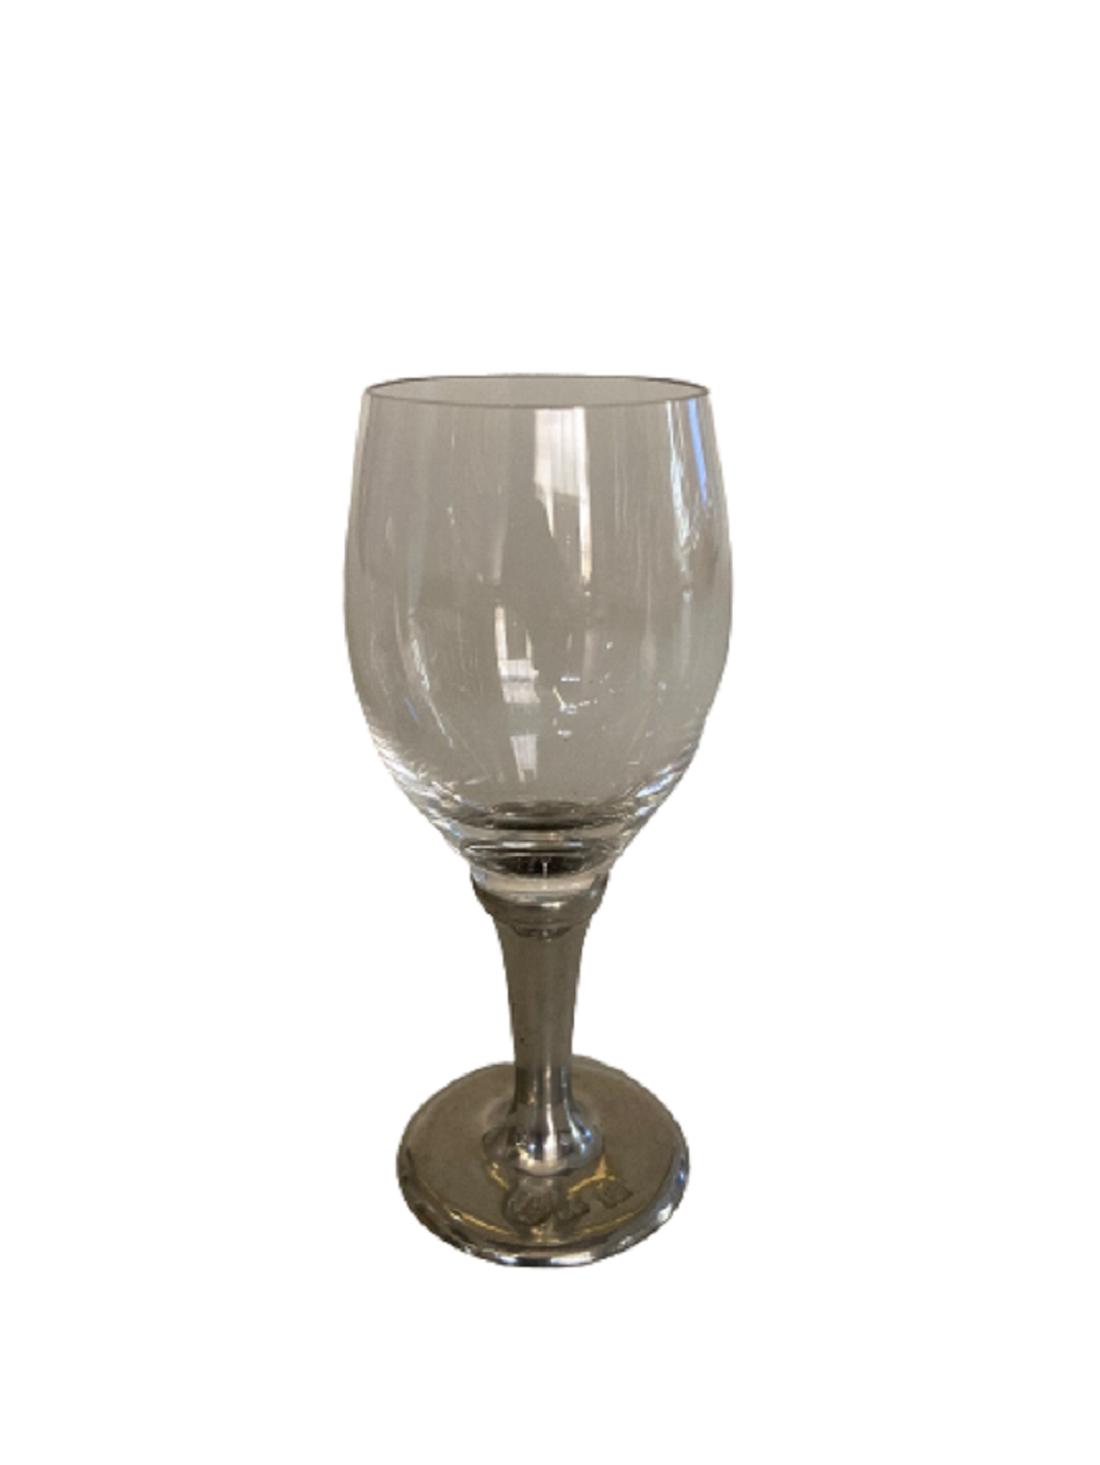 Taça de cristal para LICOR, capacidade 40ml com haste de estanho do tipo lisa (P426E18)